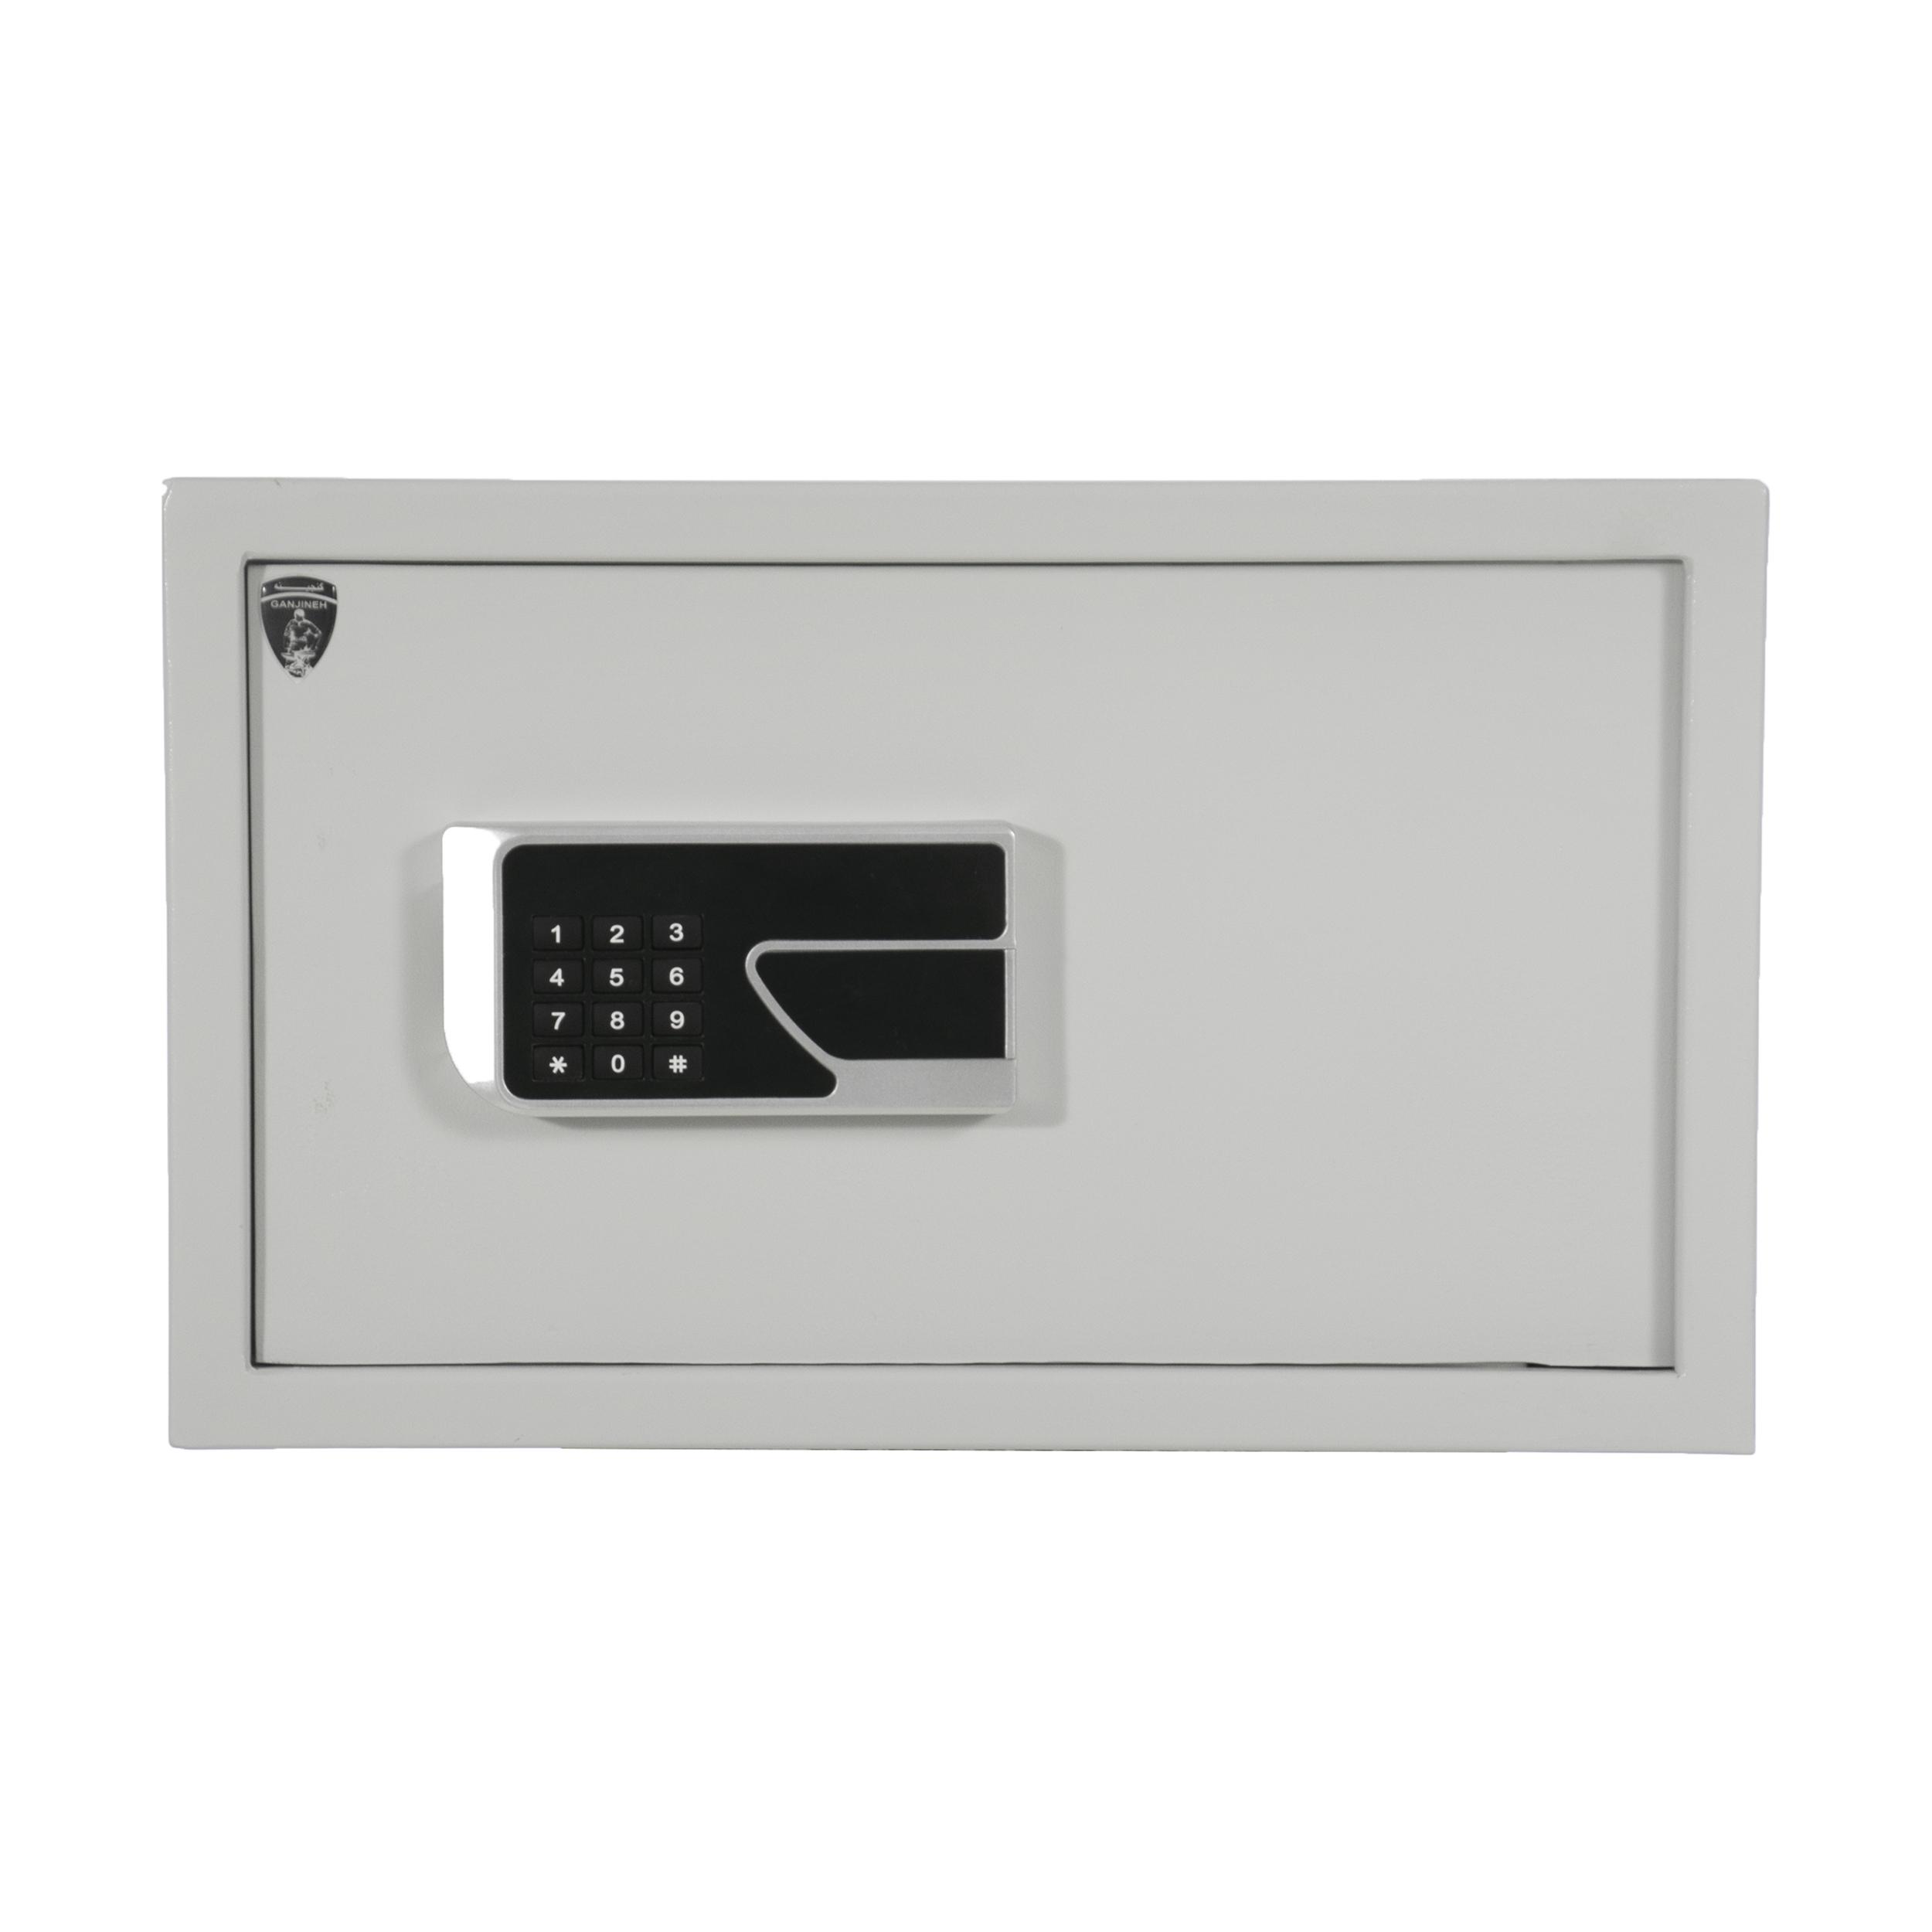 گاوصندوق الکترونیکی گنجینه مدل 300L